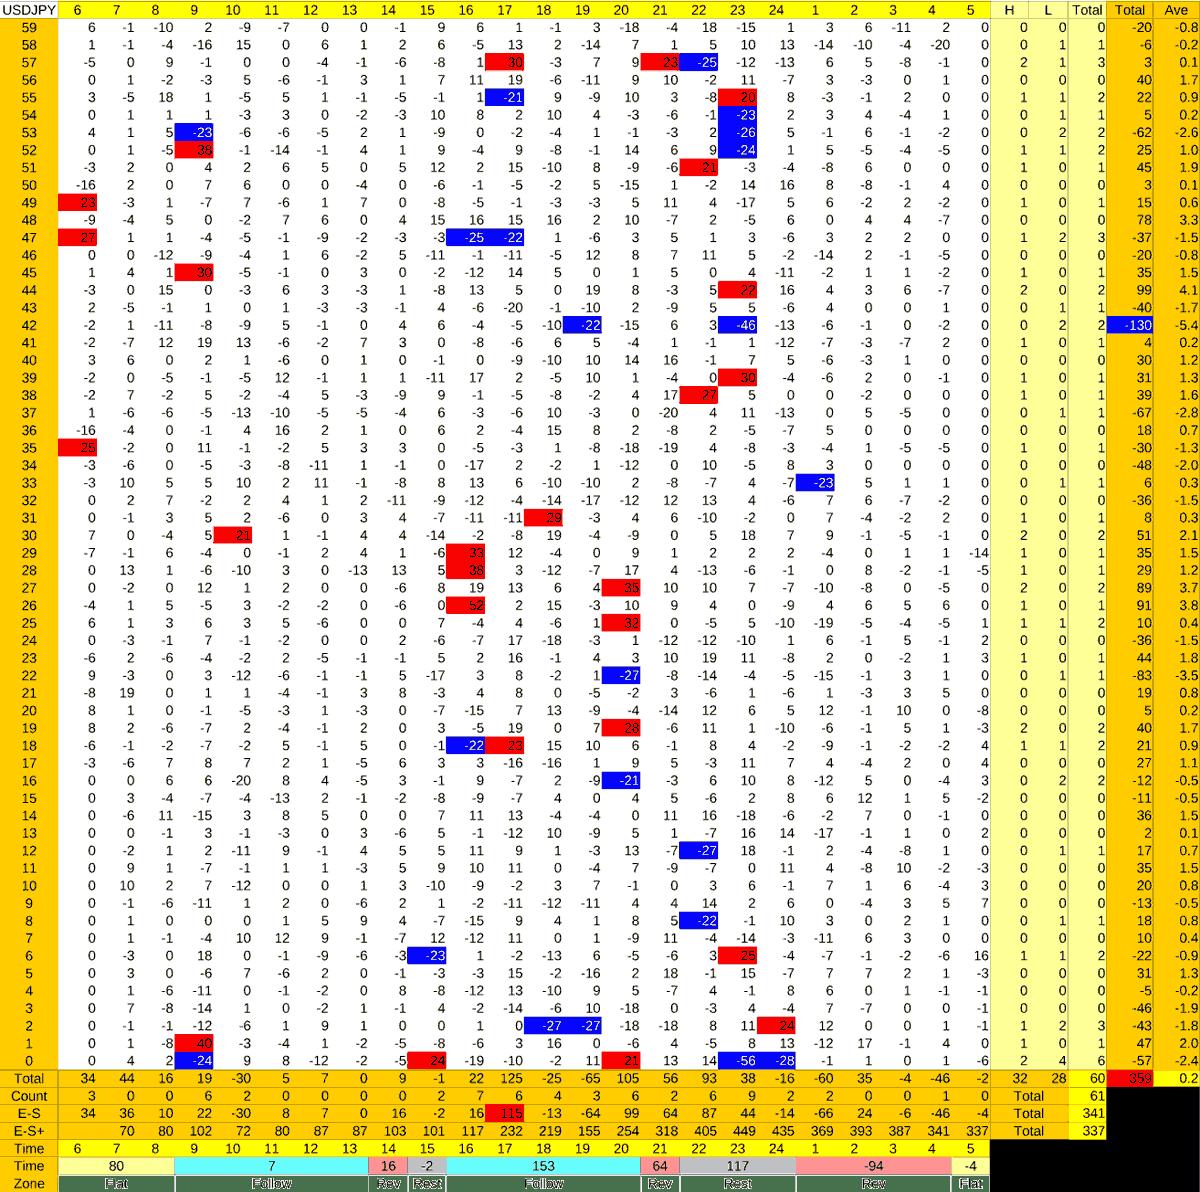 20210611_HS(1)USDJPY